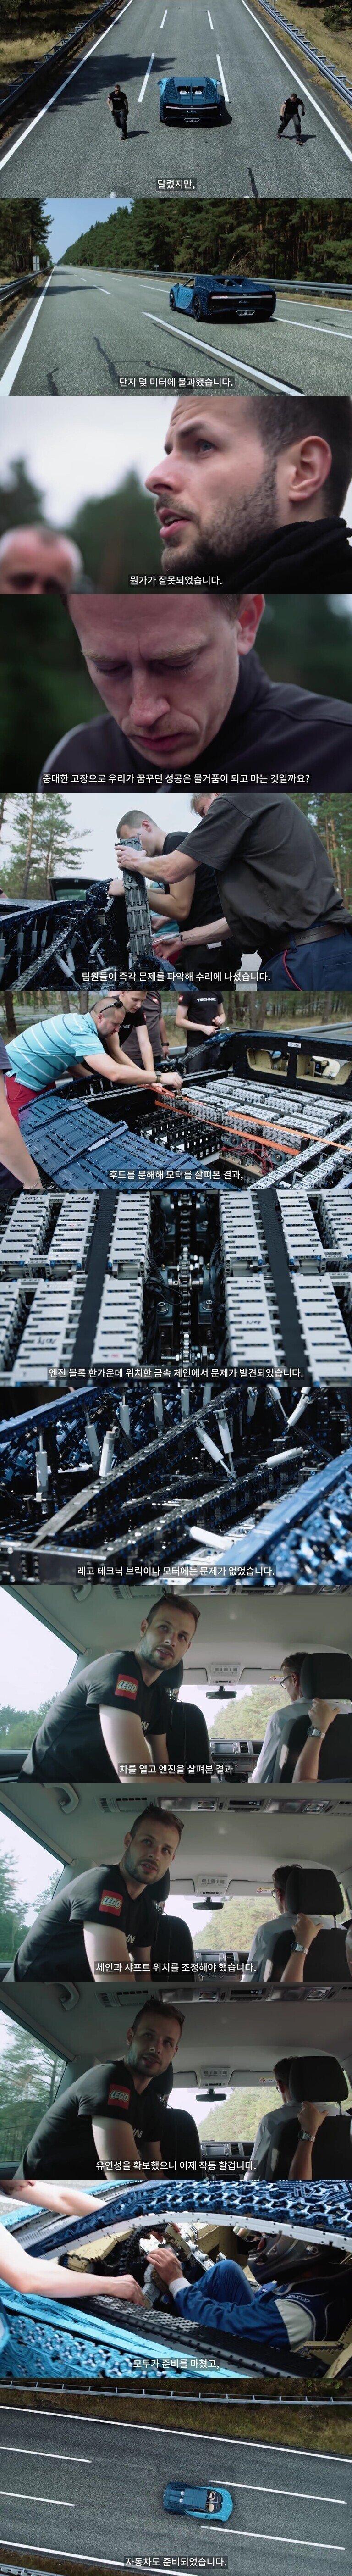 레고 테크닉 부가티 42083 - 불가능을 조립하다(다큐멘터리)-vert9.jpg 스압) 레고로 달리는 부가티를 만들다.Docu